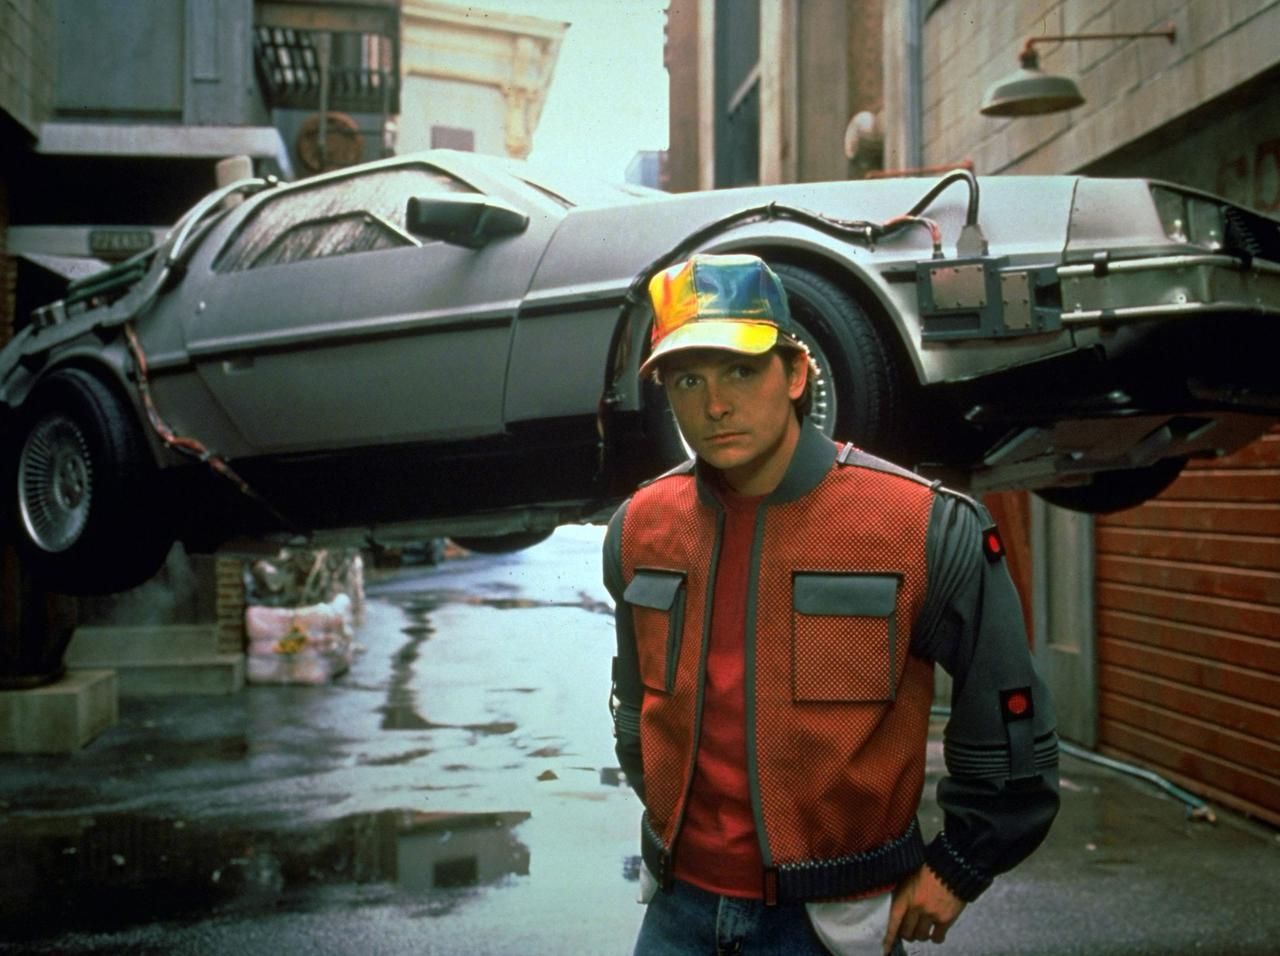 """画像: 『バック・トゥ・ザ・フューチャー』が現実に!""""空飛ぶ車""""が街から街へ飛行成功 - フロントロウ -海外セレブ&海外カルチャー情報を発信"""